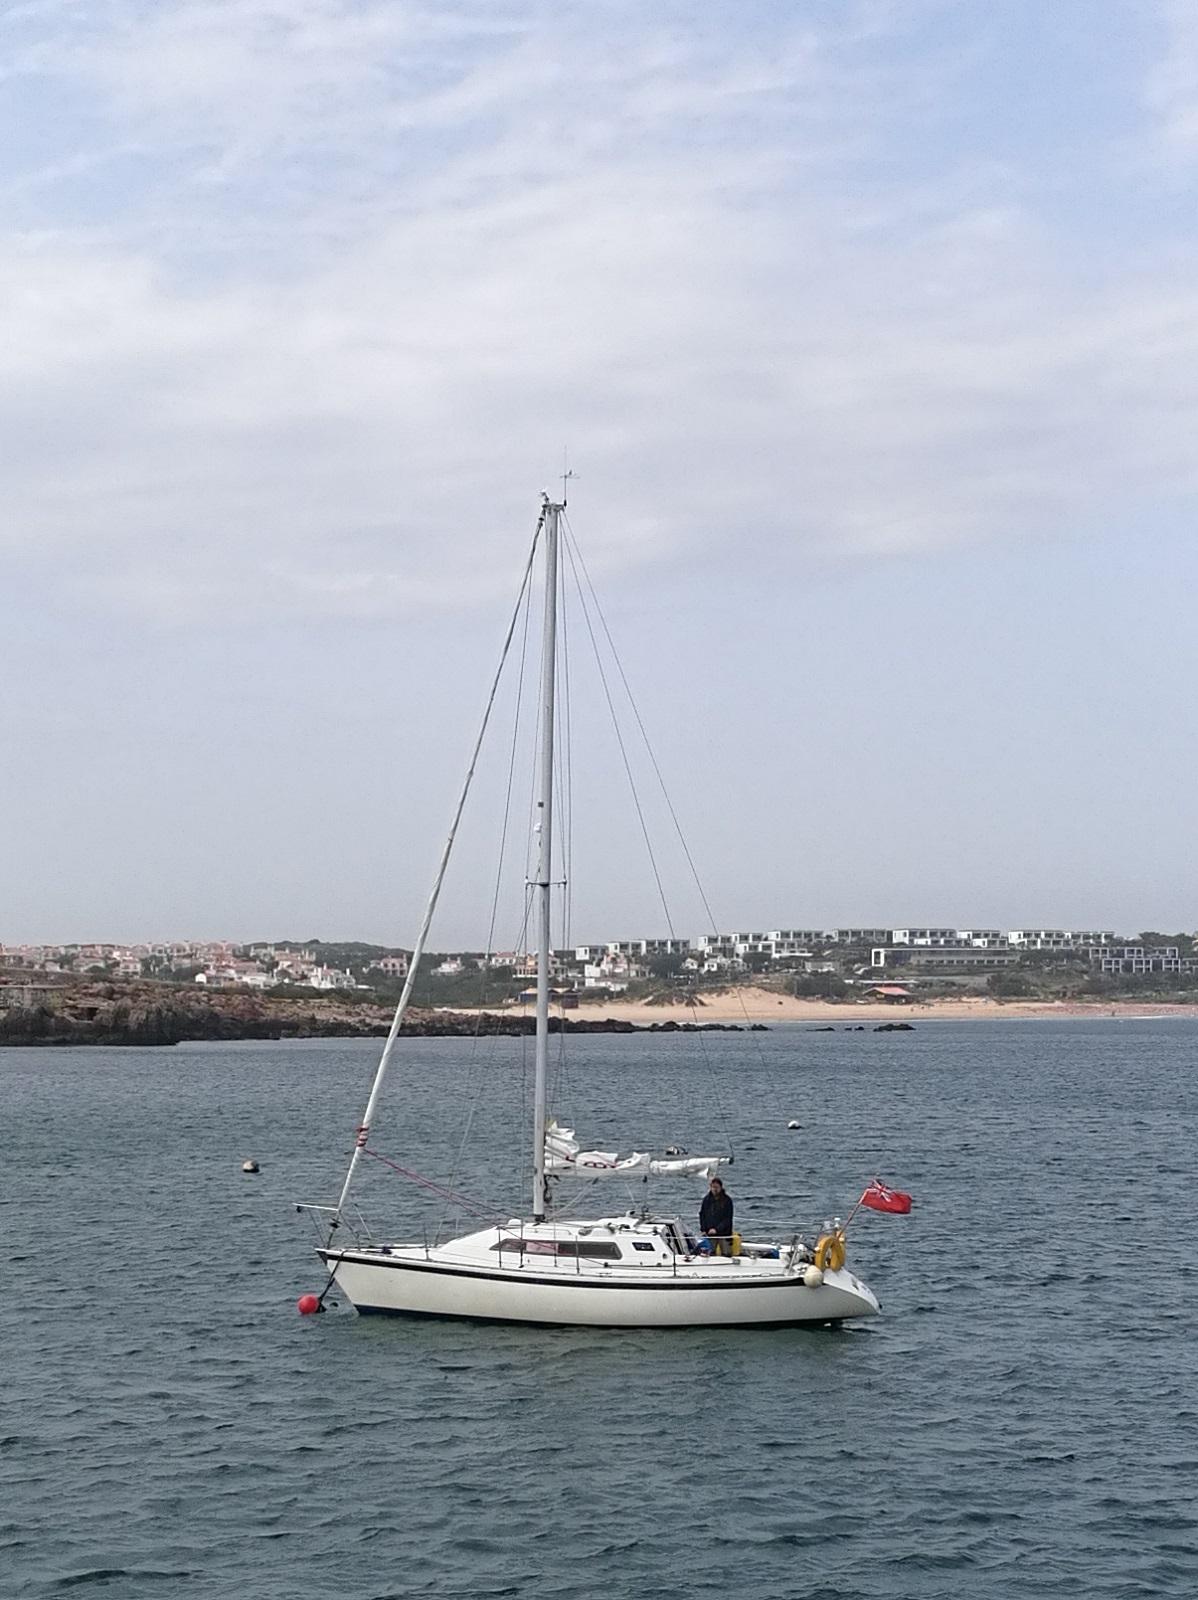 MARKSMAN a jeho kapitán u bójky v přístavu Baleeira.